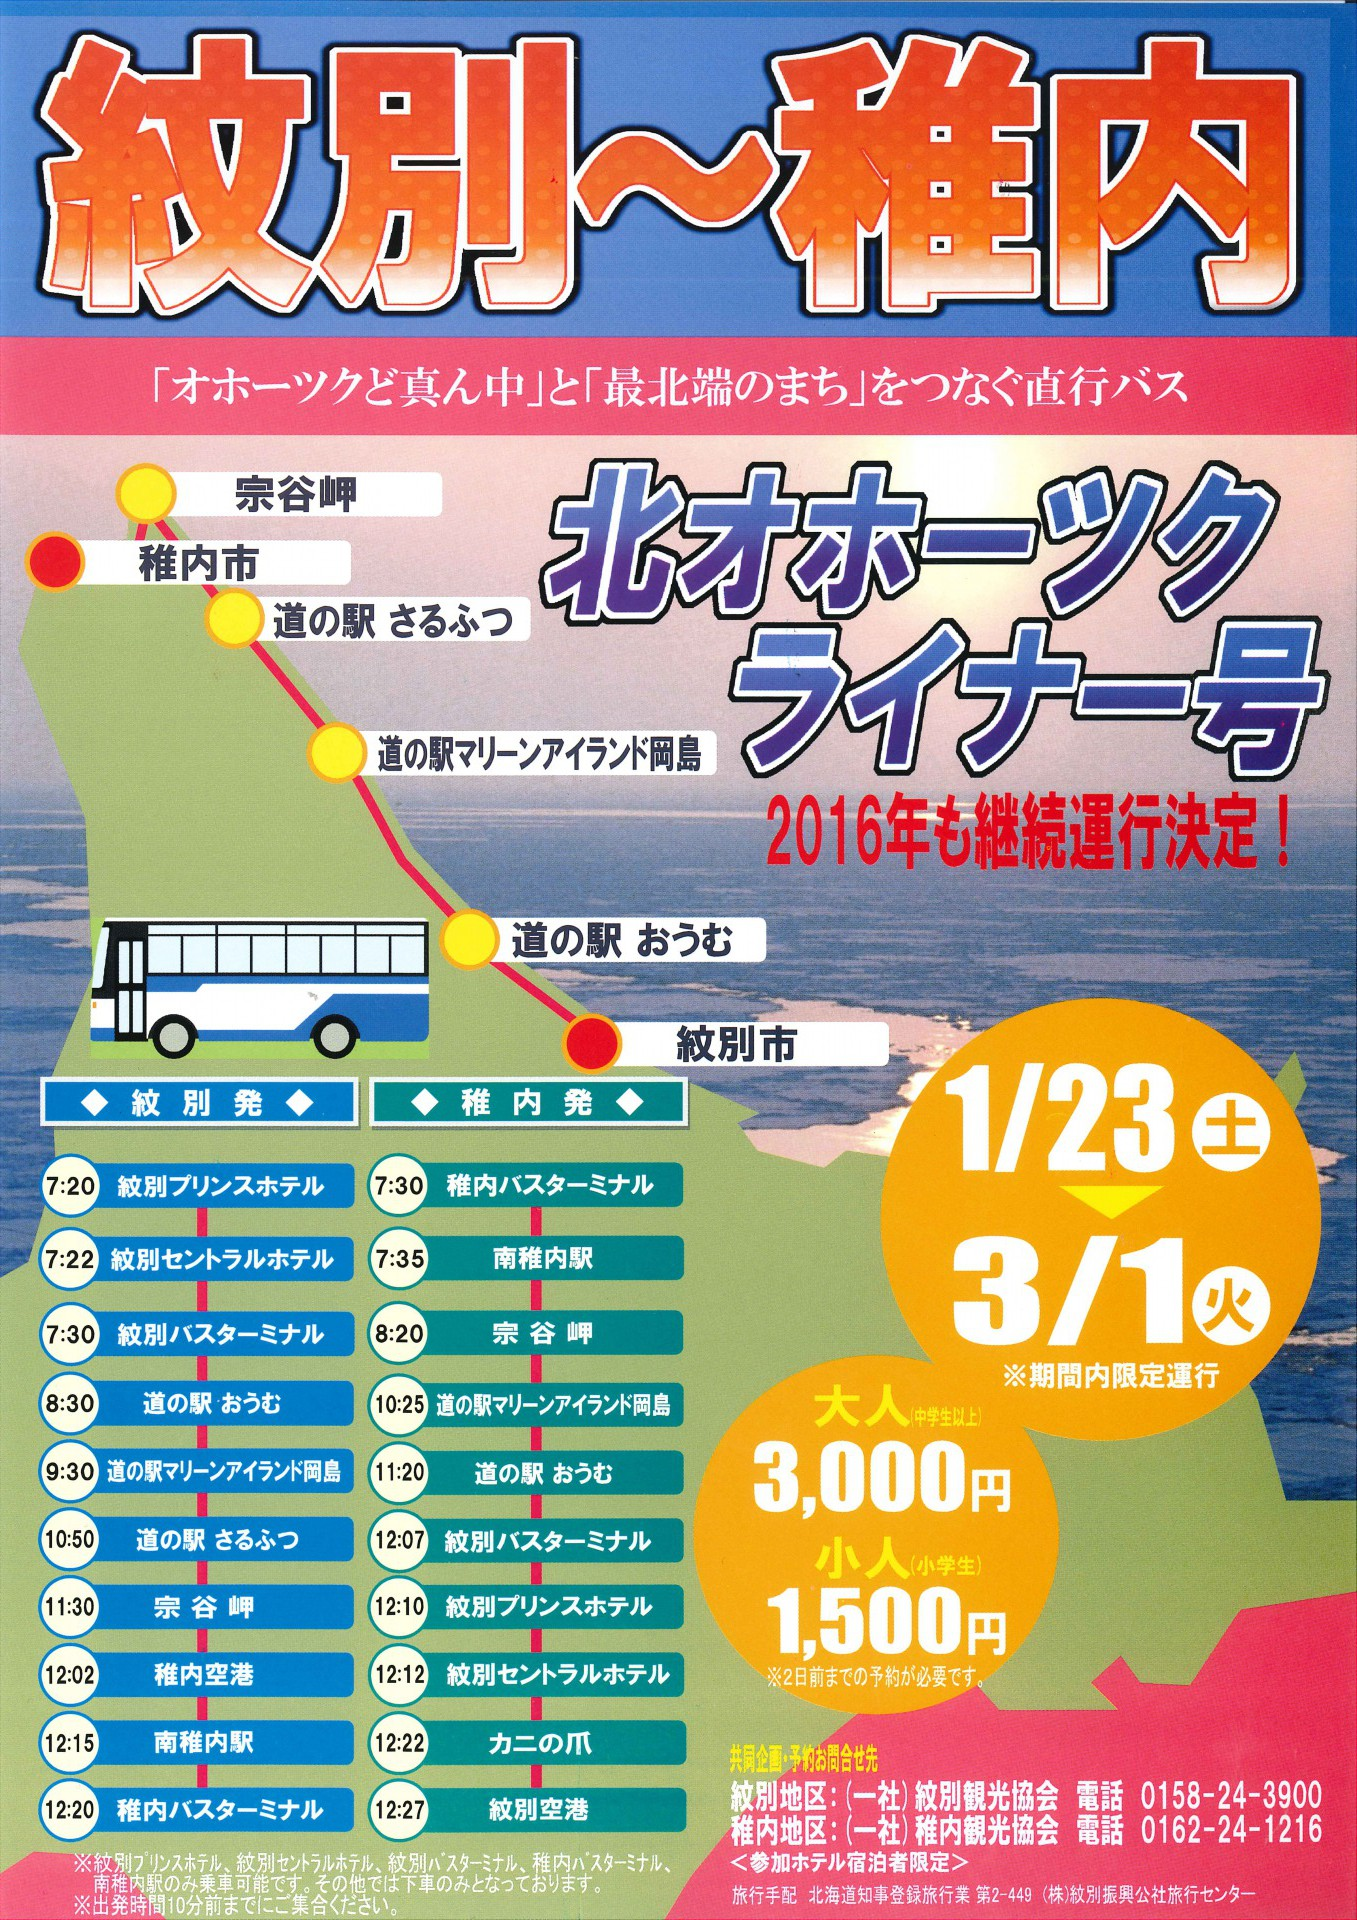 稚内ー紋別間を北オホーツクライナー号が運行します